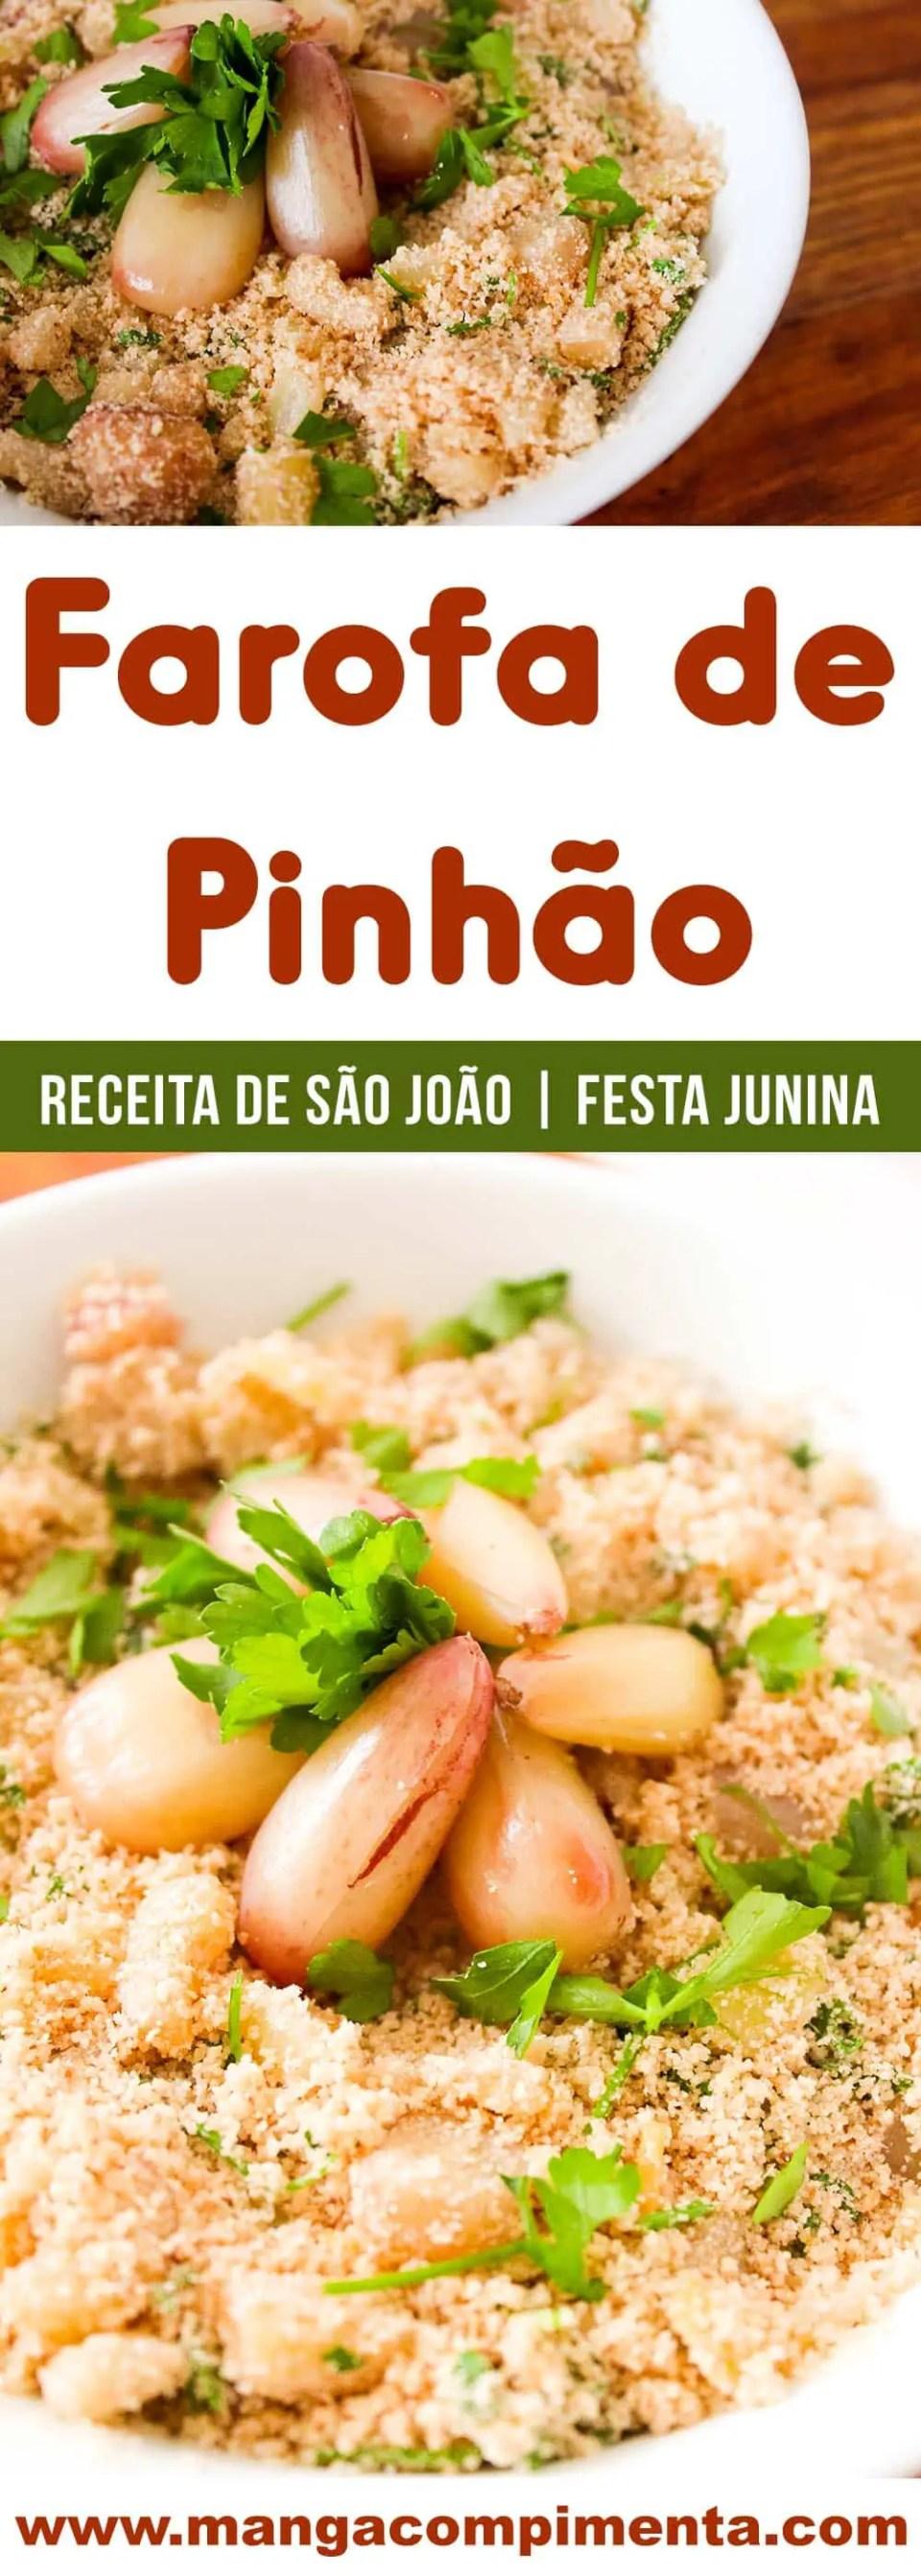 Farofa de Pinhão | uma comida deliciosa para comemorar o inverno nas festas de São João.